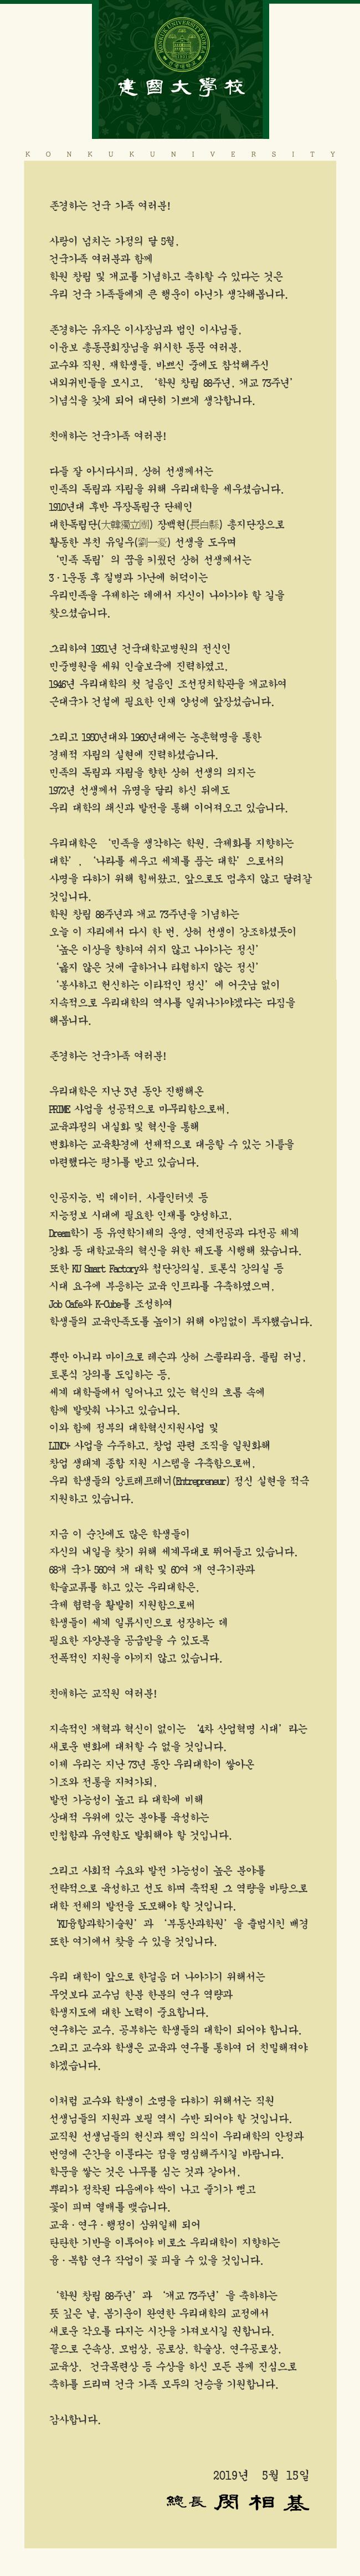 학원창립 88주년·개교 73주년 민상기 총장 기념식사